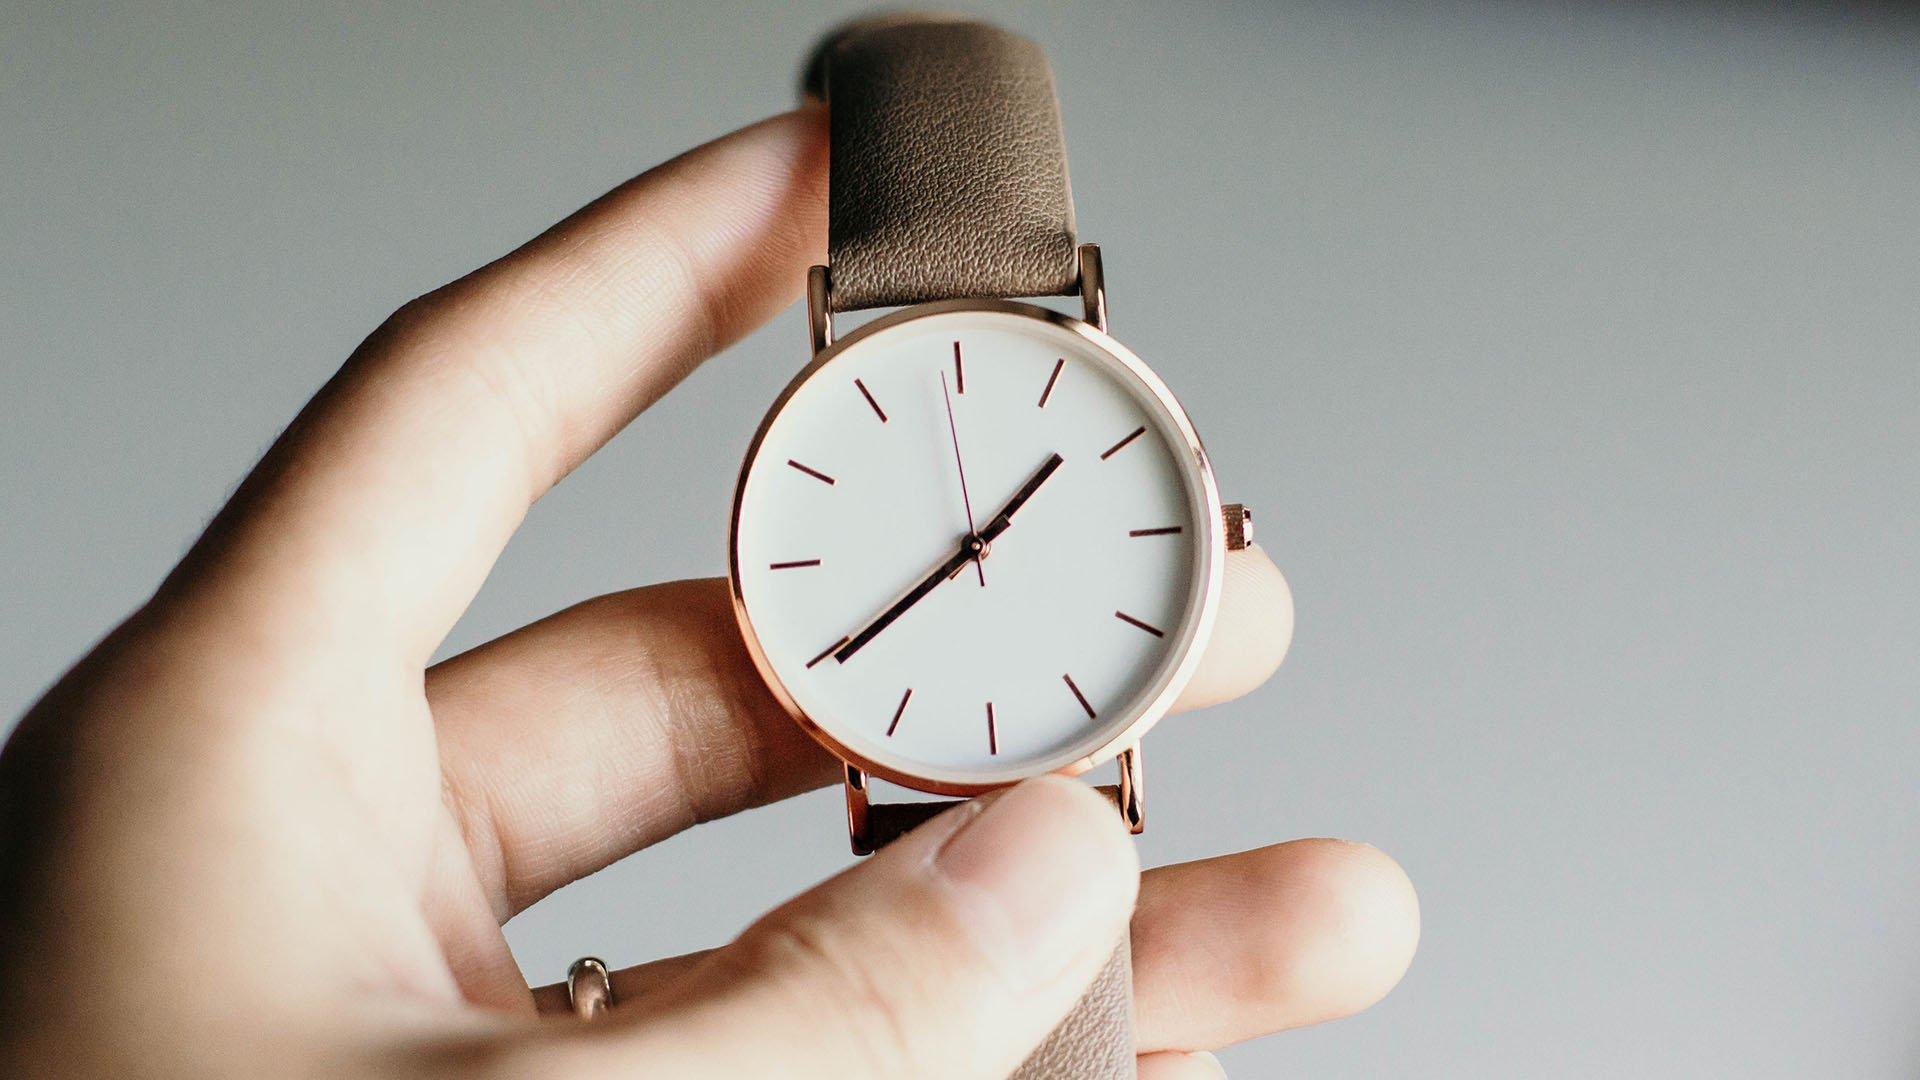 3.Time Series Database cosa sono e i vantaggi per l'azienda